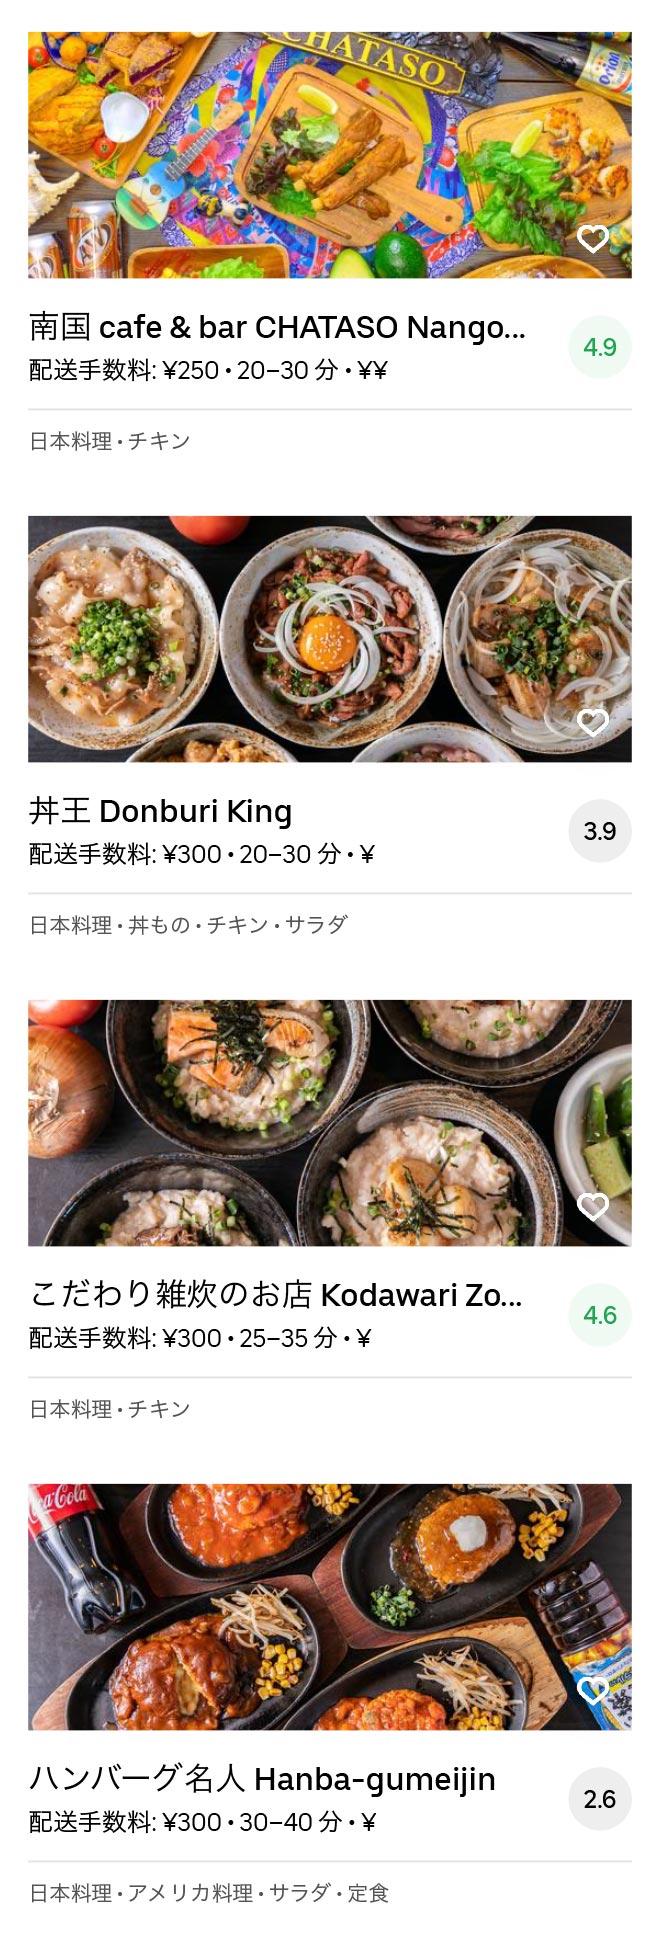 Toyonaka menu 2005 11